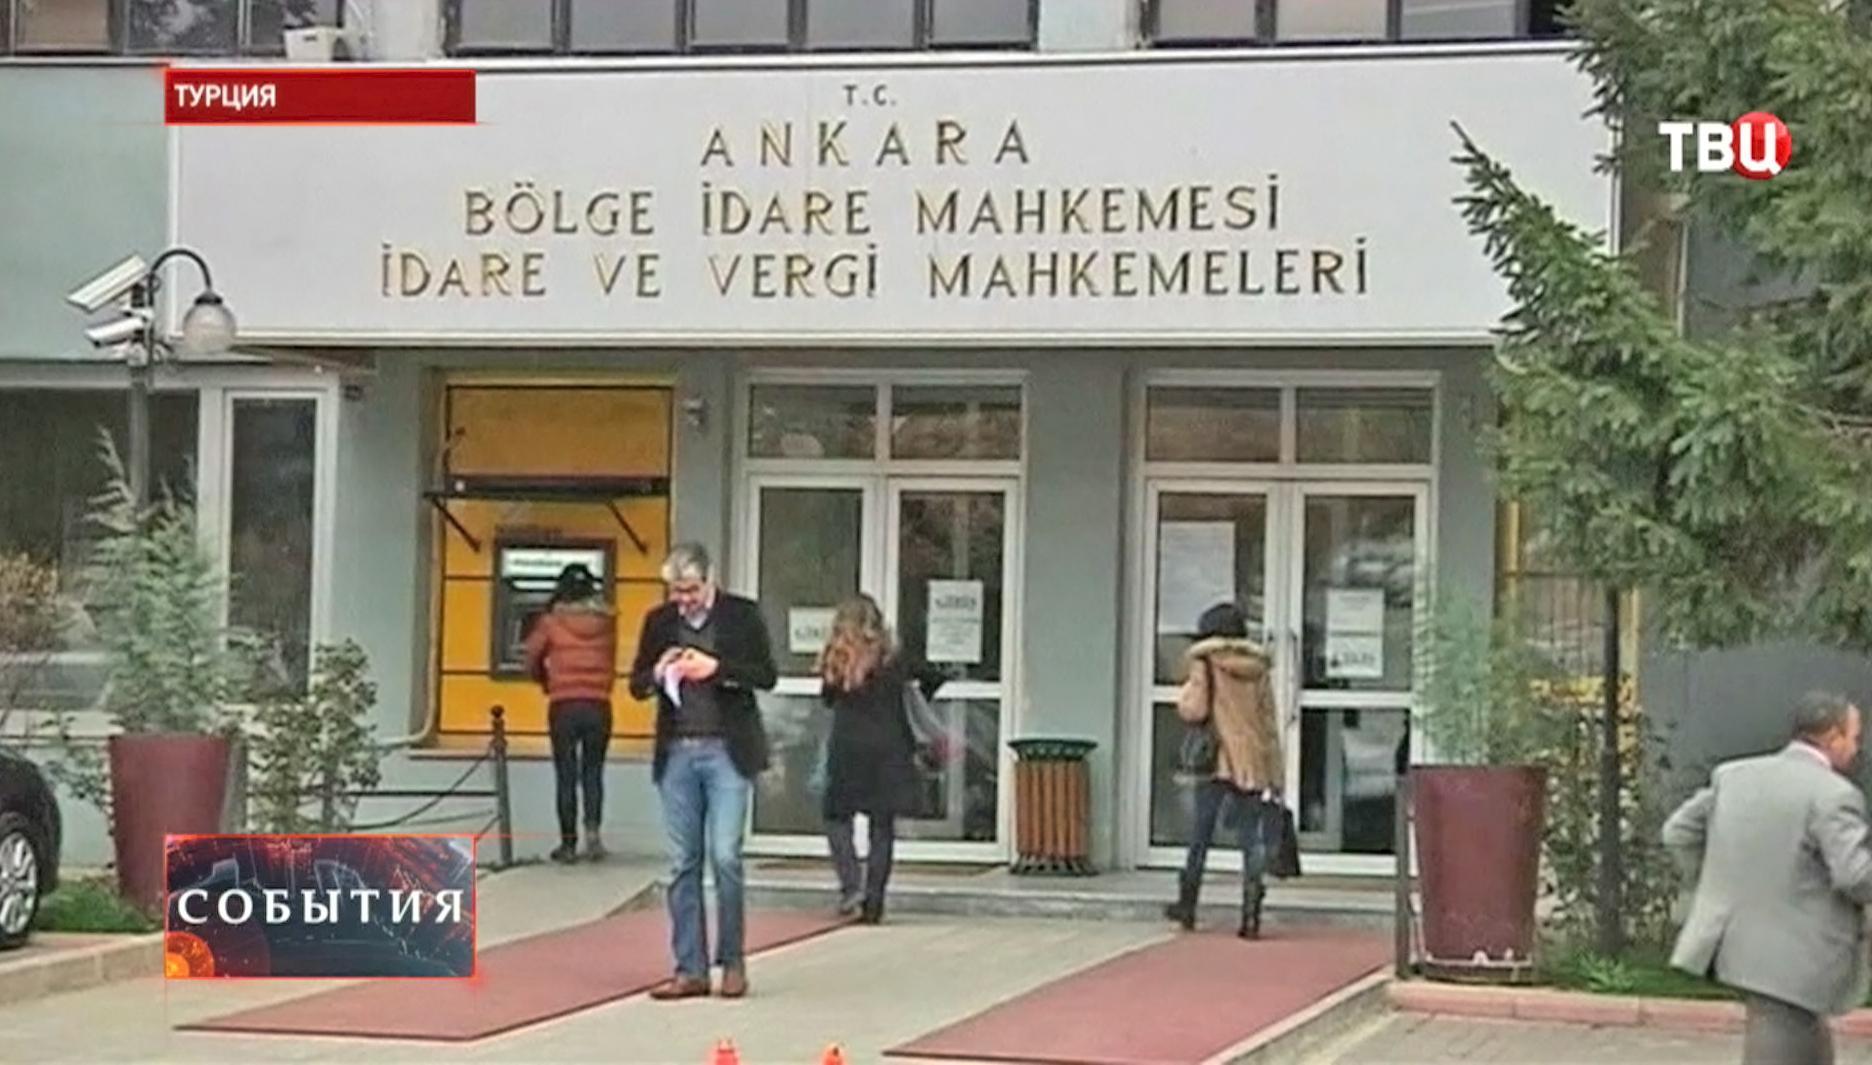 Здание Ankara bölge idare mahkemesi idare ve vergi mahkemelri